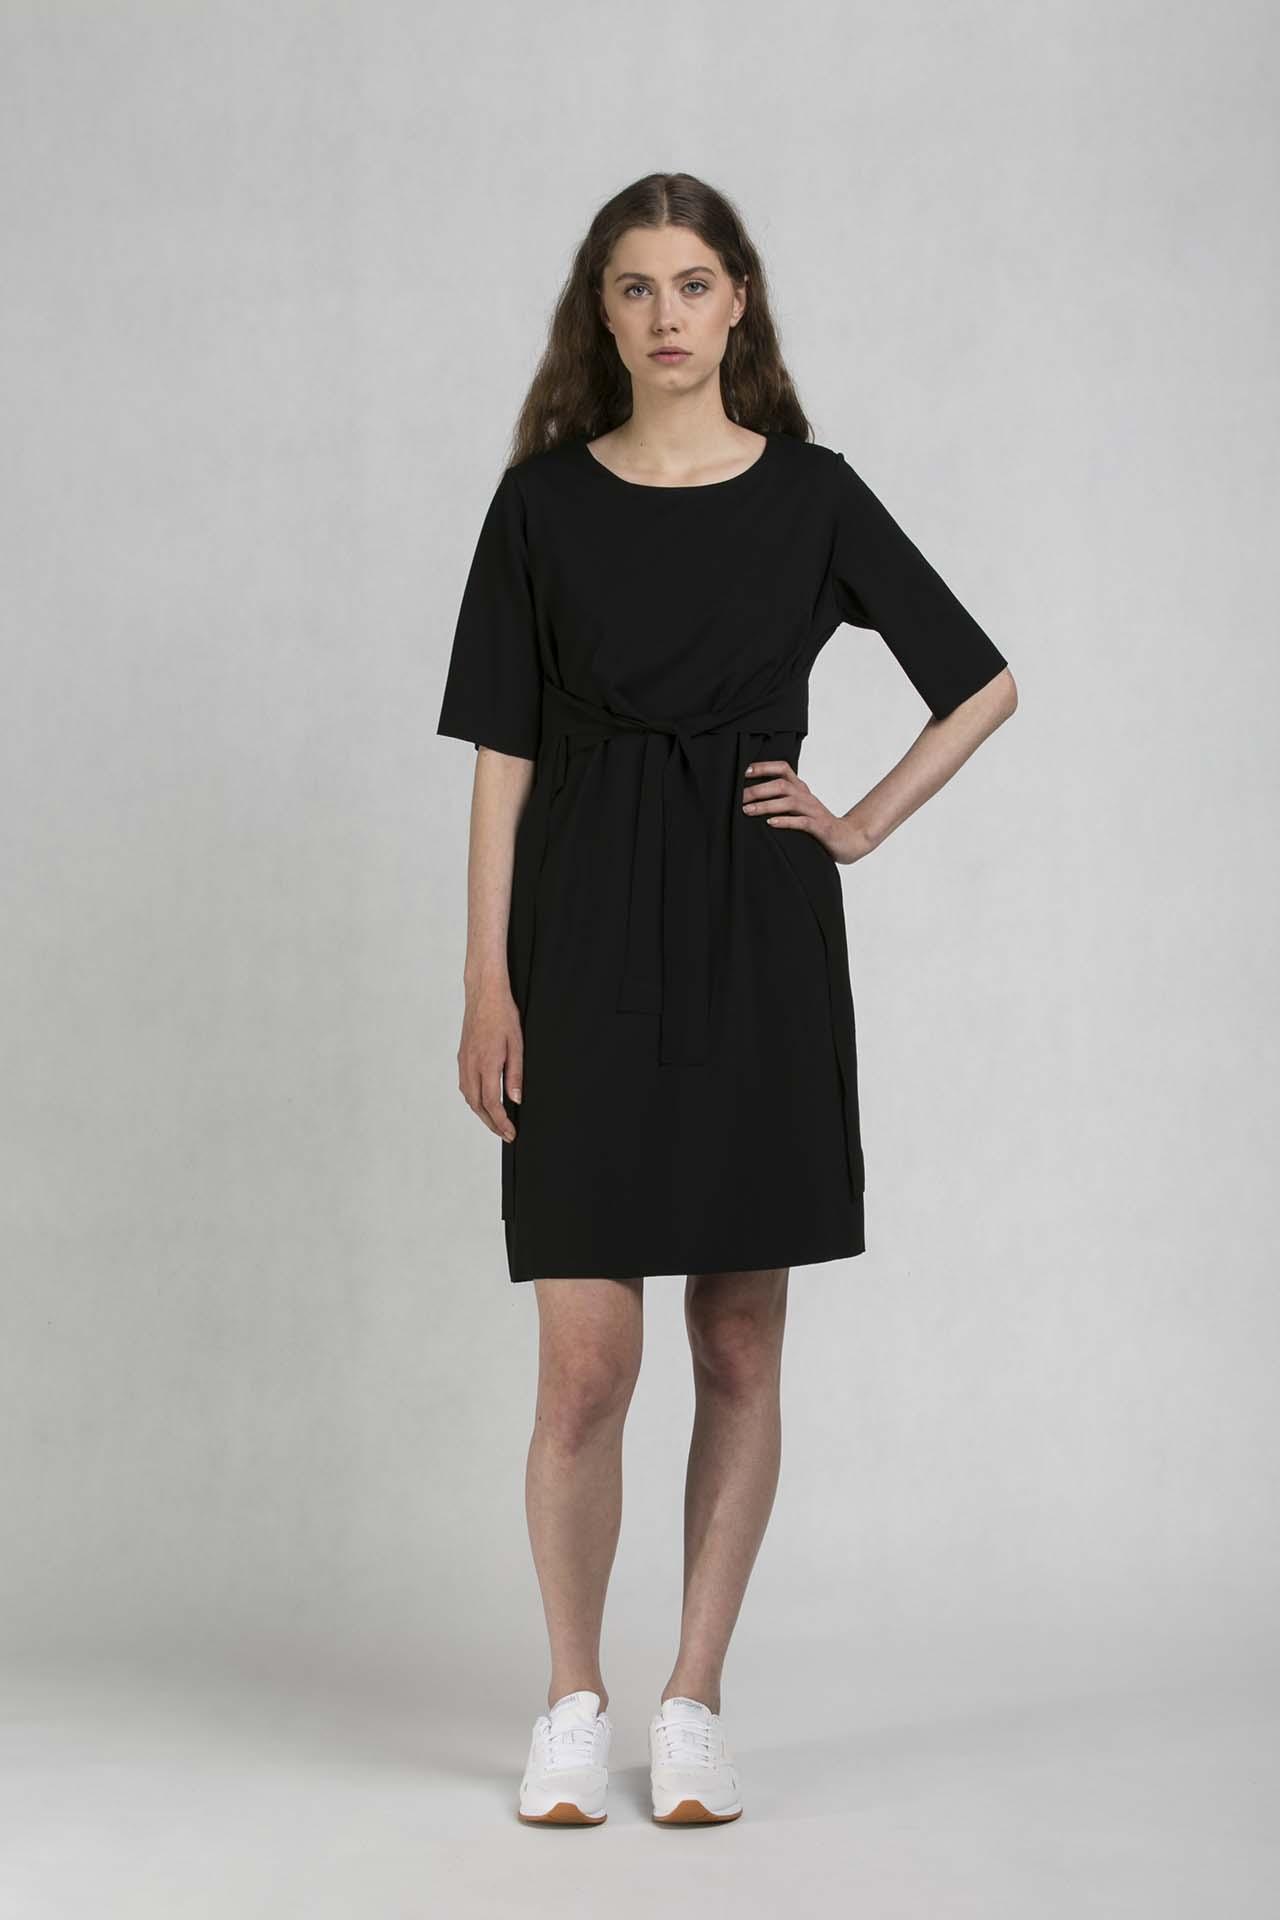 4cc26de4cf23 Flop dress black